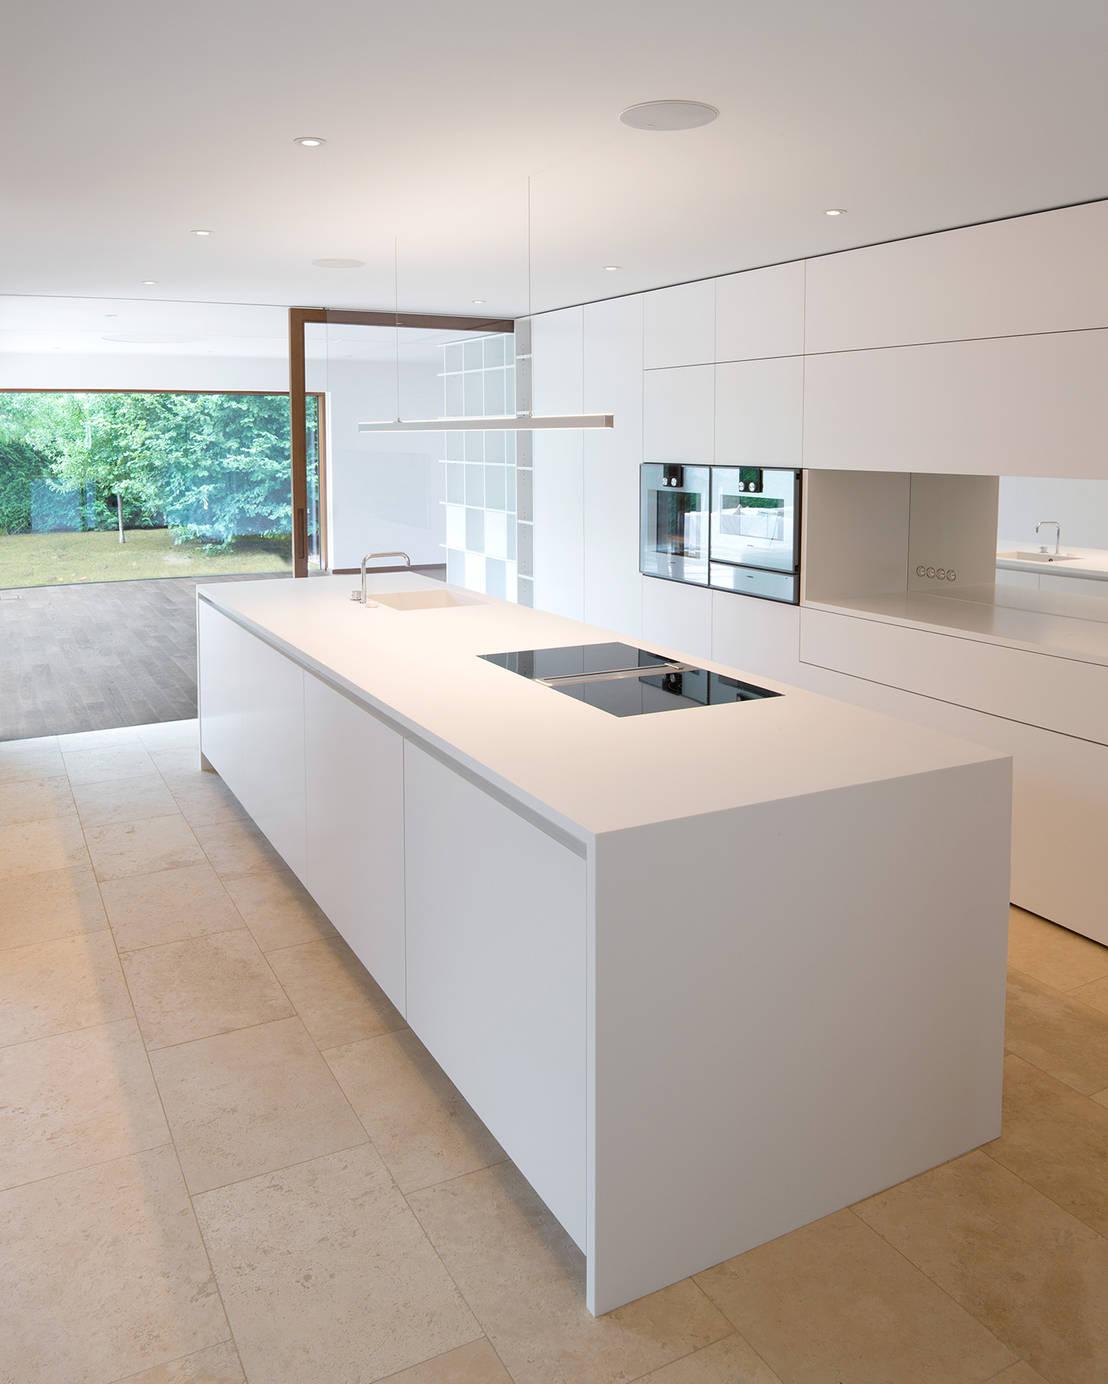 Groß Handwerker Küche Und Bar Galerie - Küche Set Ideen ...